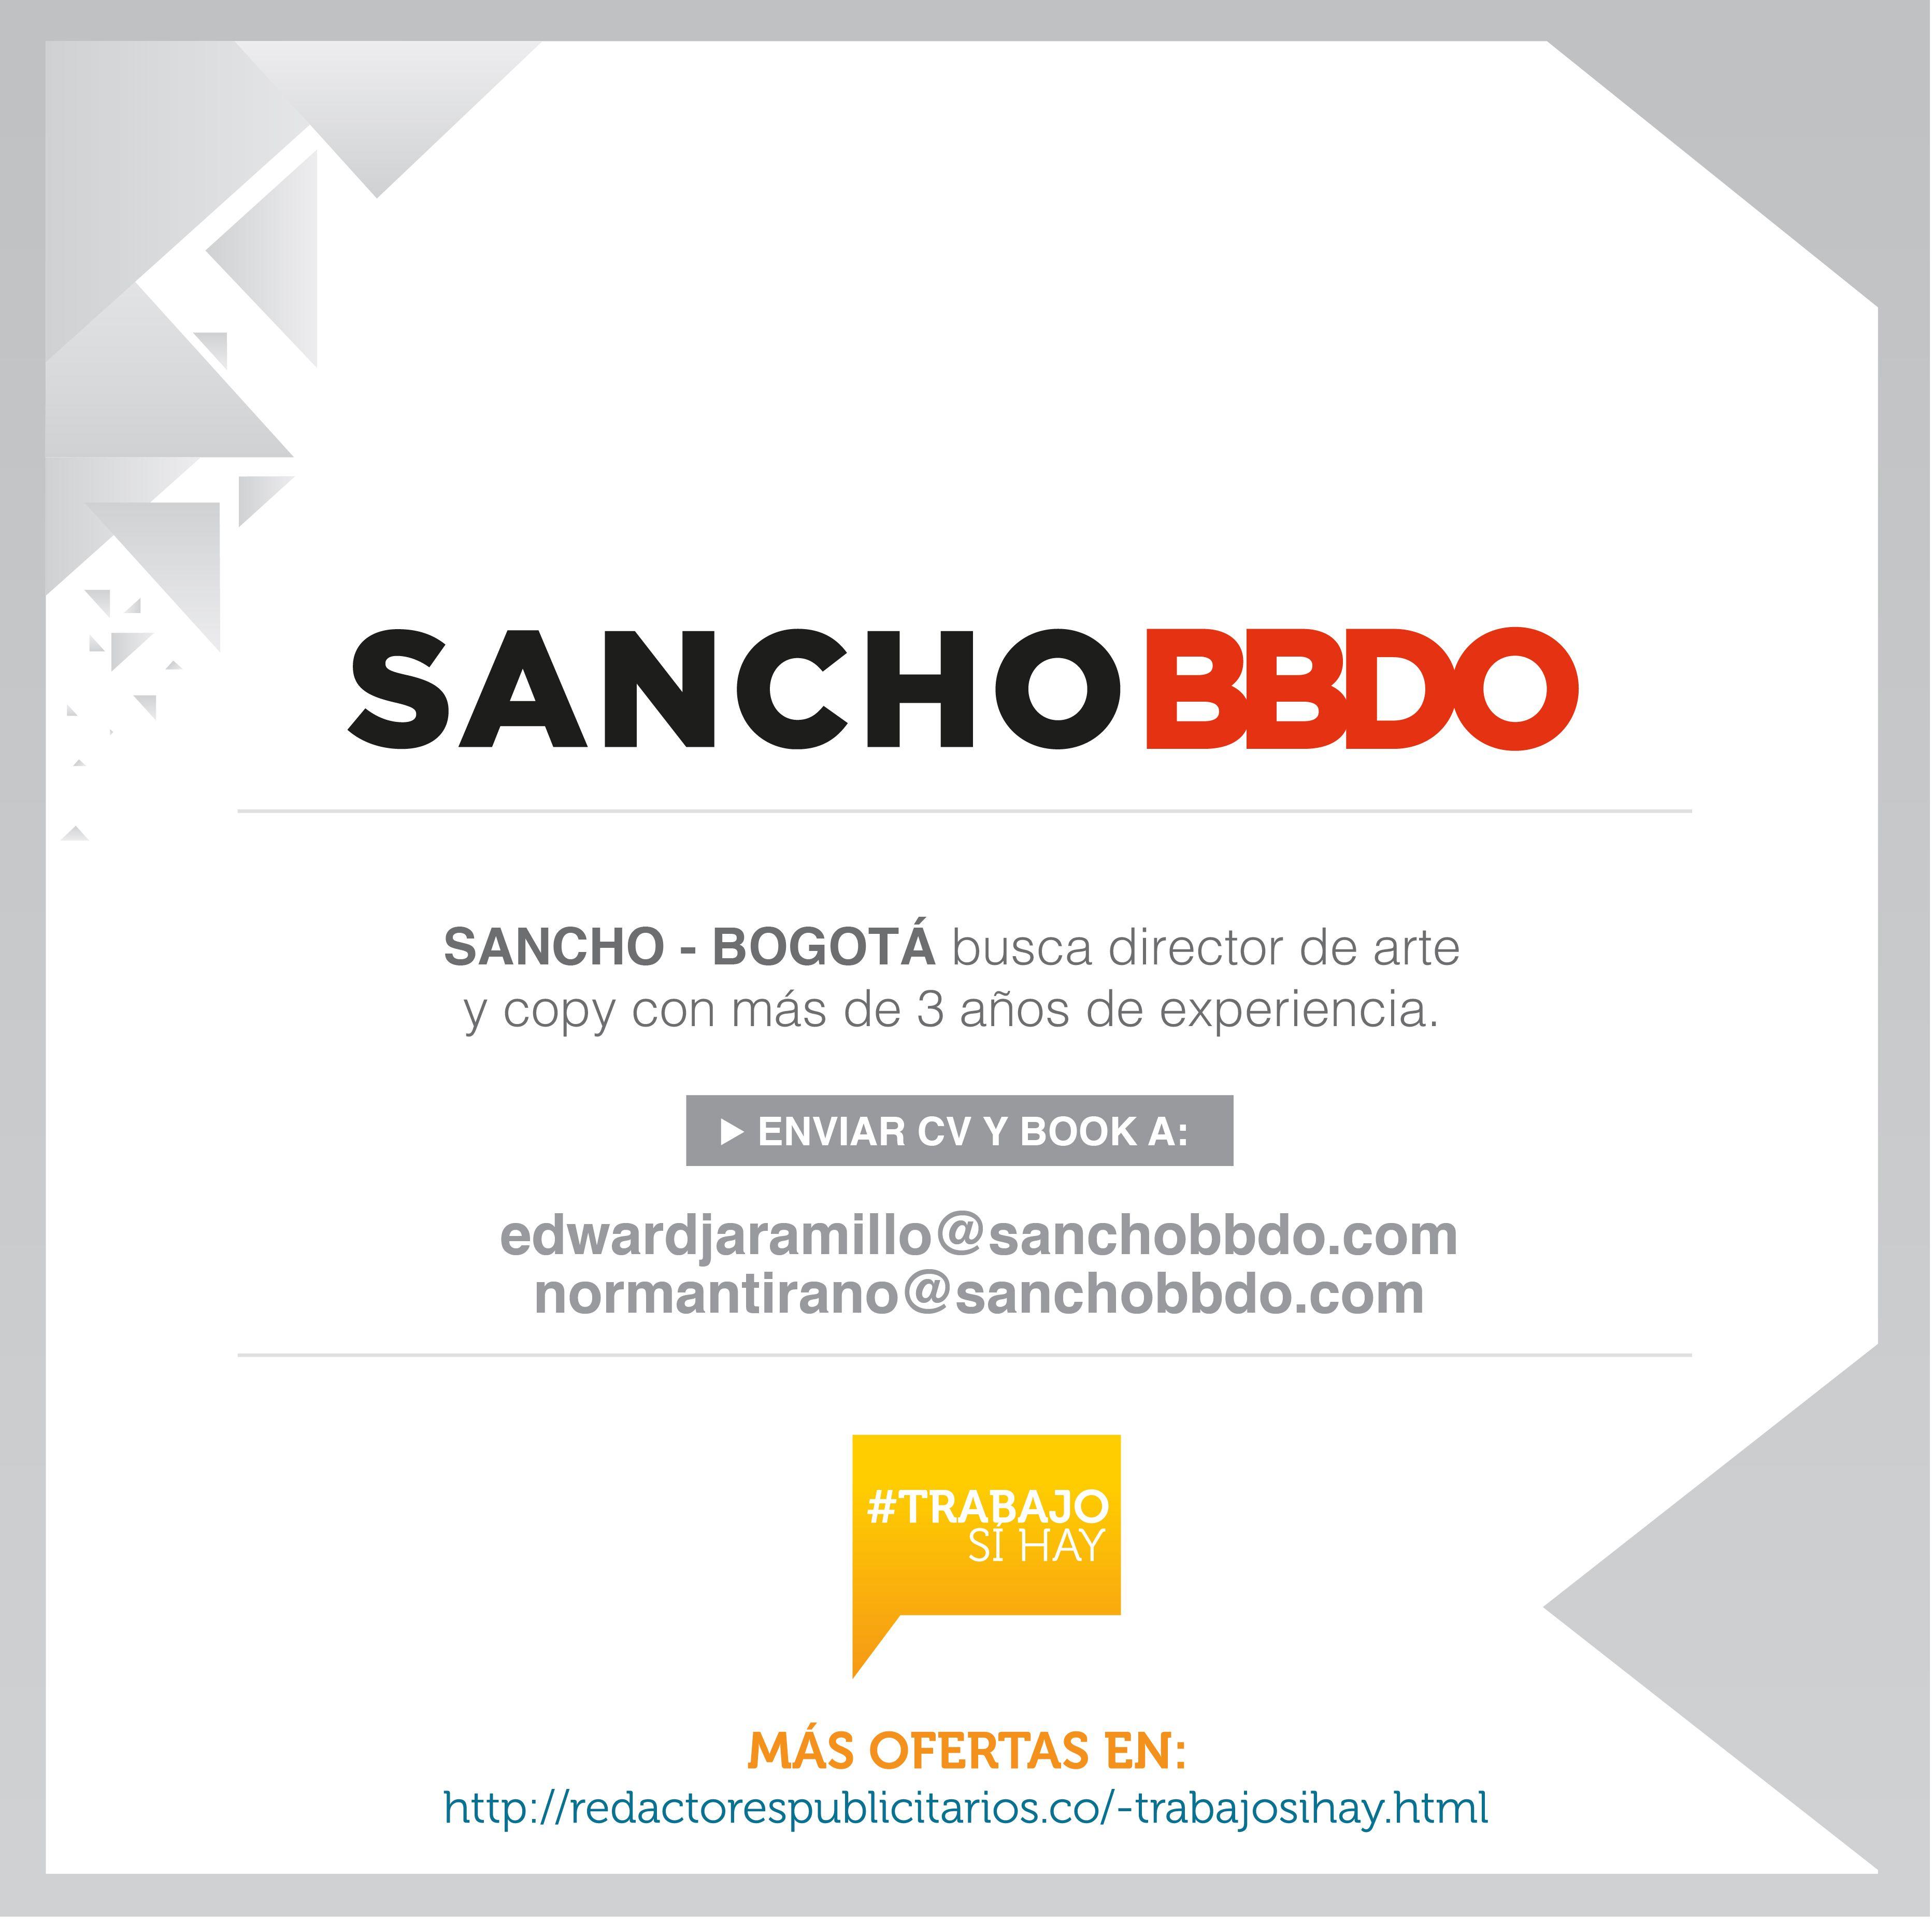 TrabajoSíHay Sancho BBDO busca Director de Arte y Copy. Sea buen ...